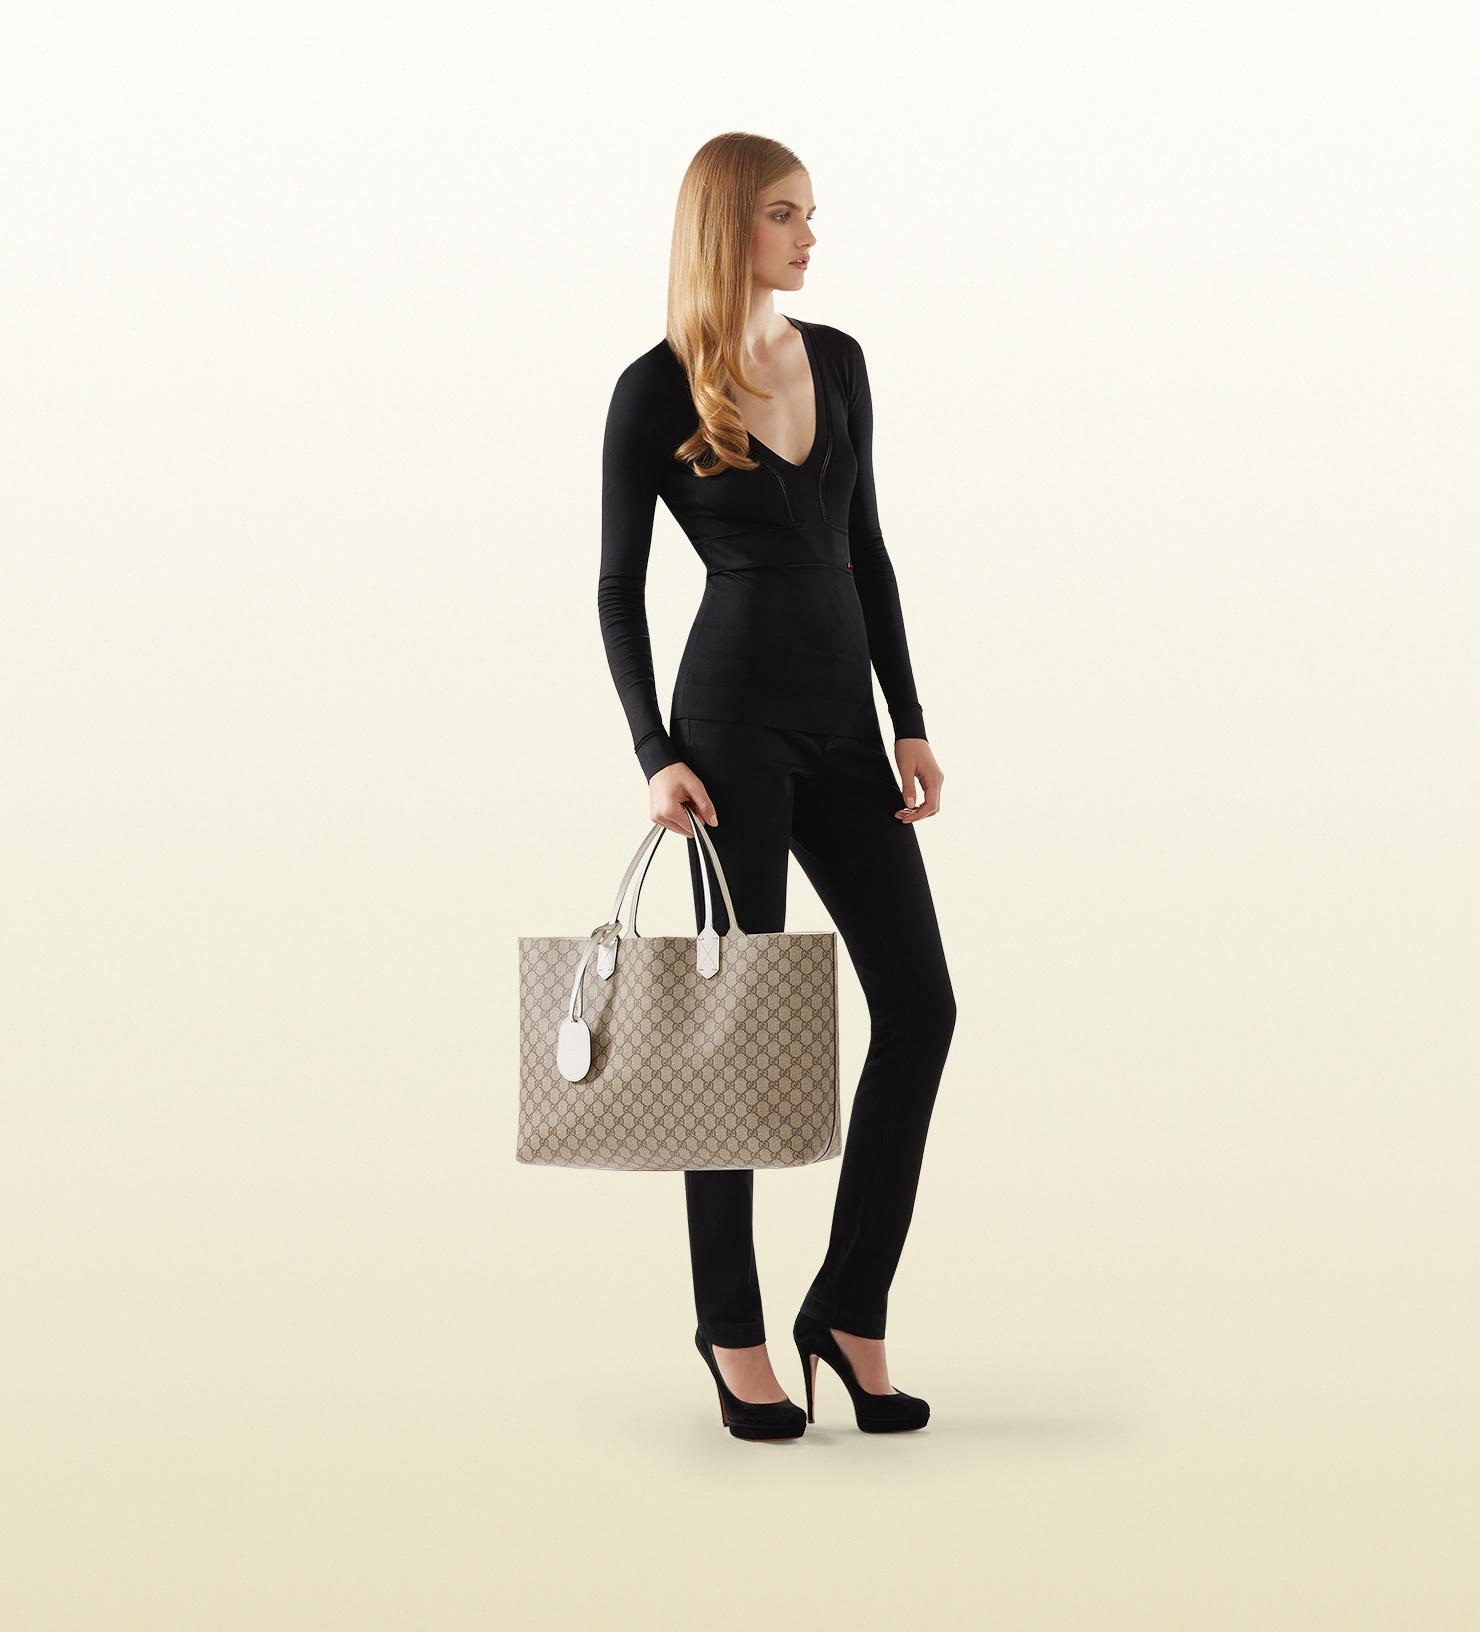 da8a914417e6 Gucci Reversible Gg Leather Tote in White - Lyst